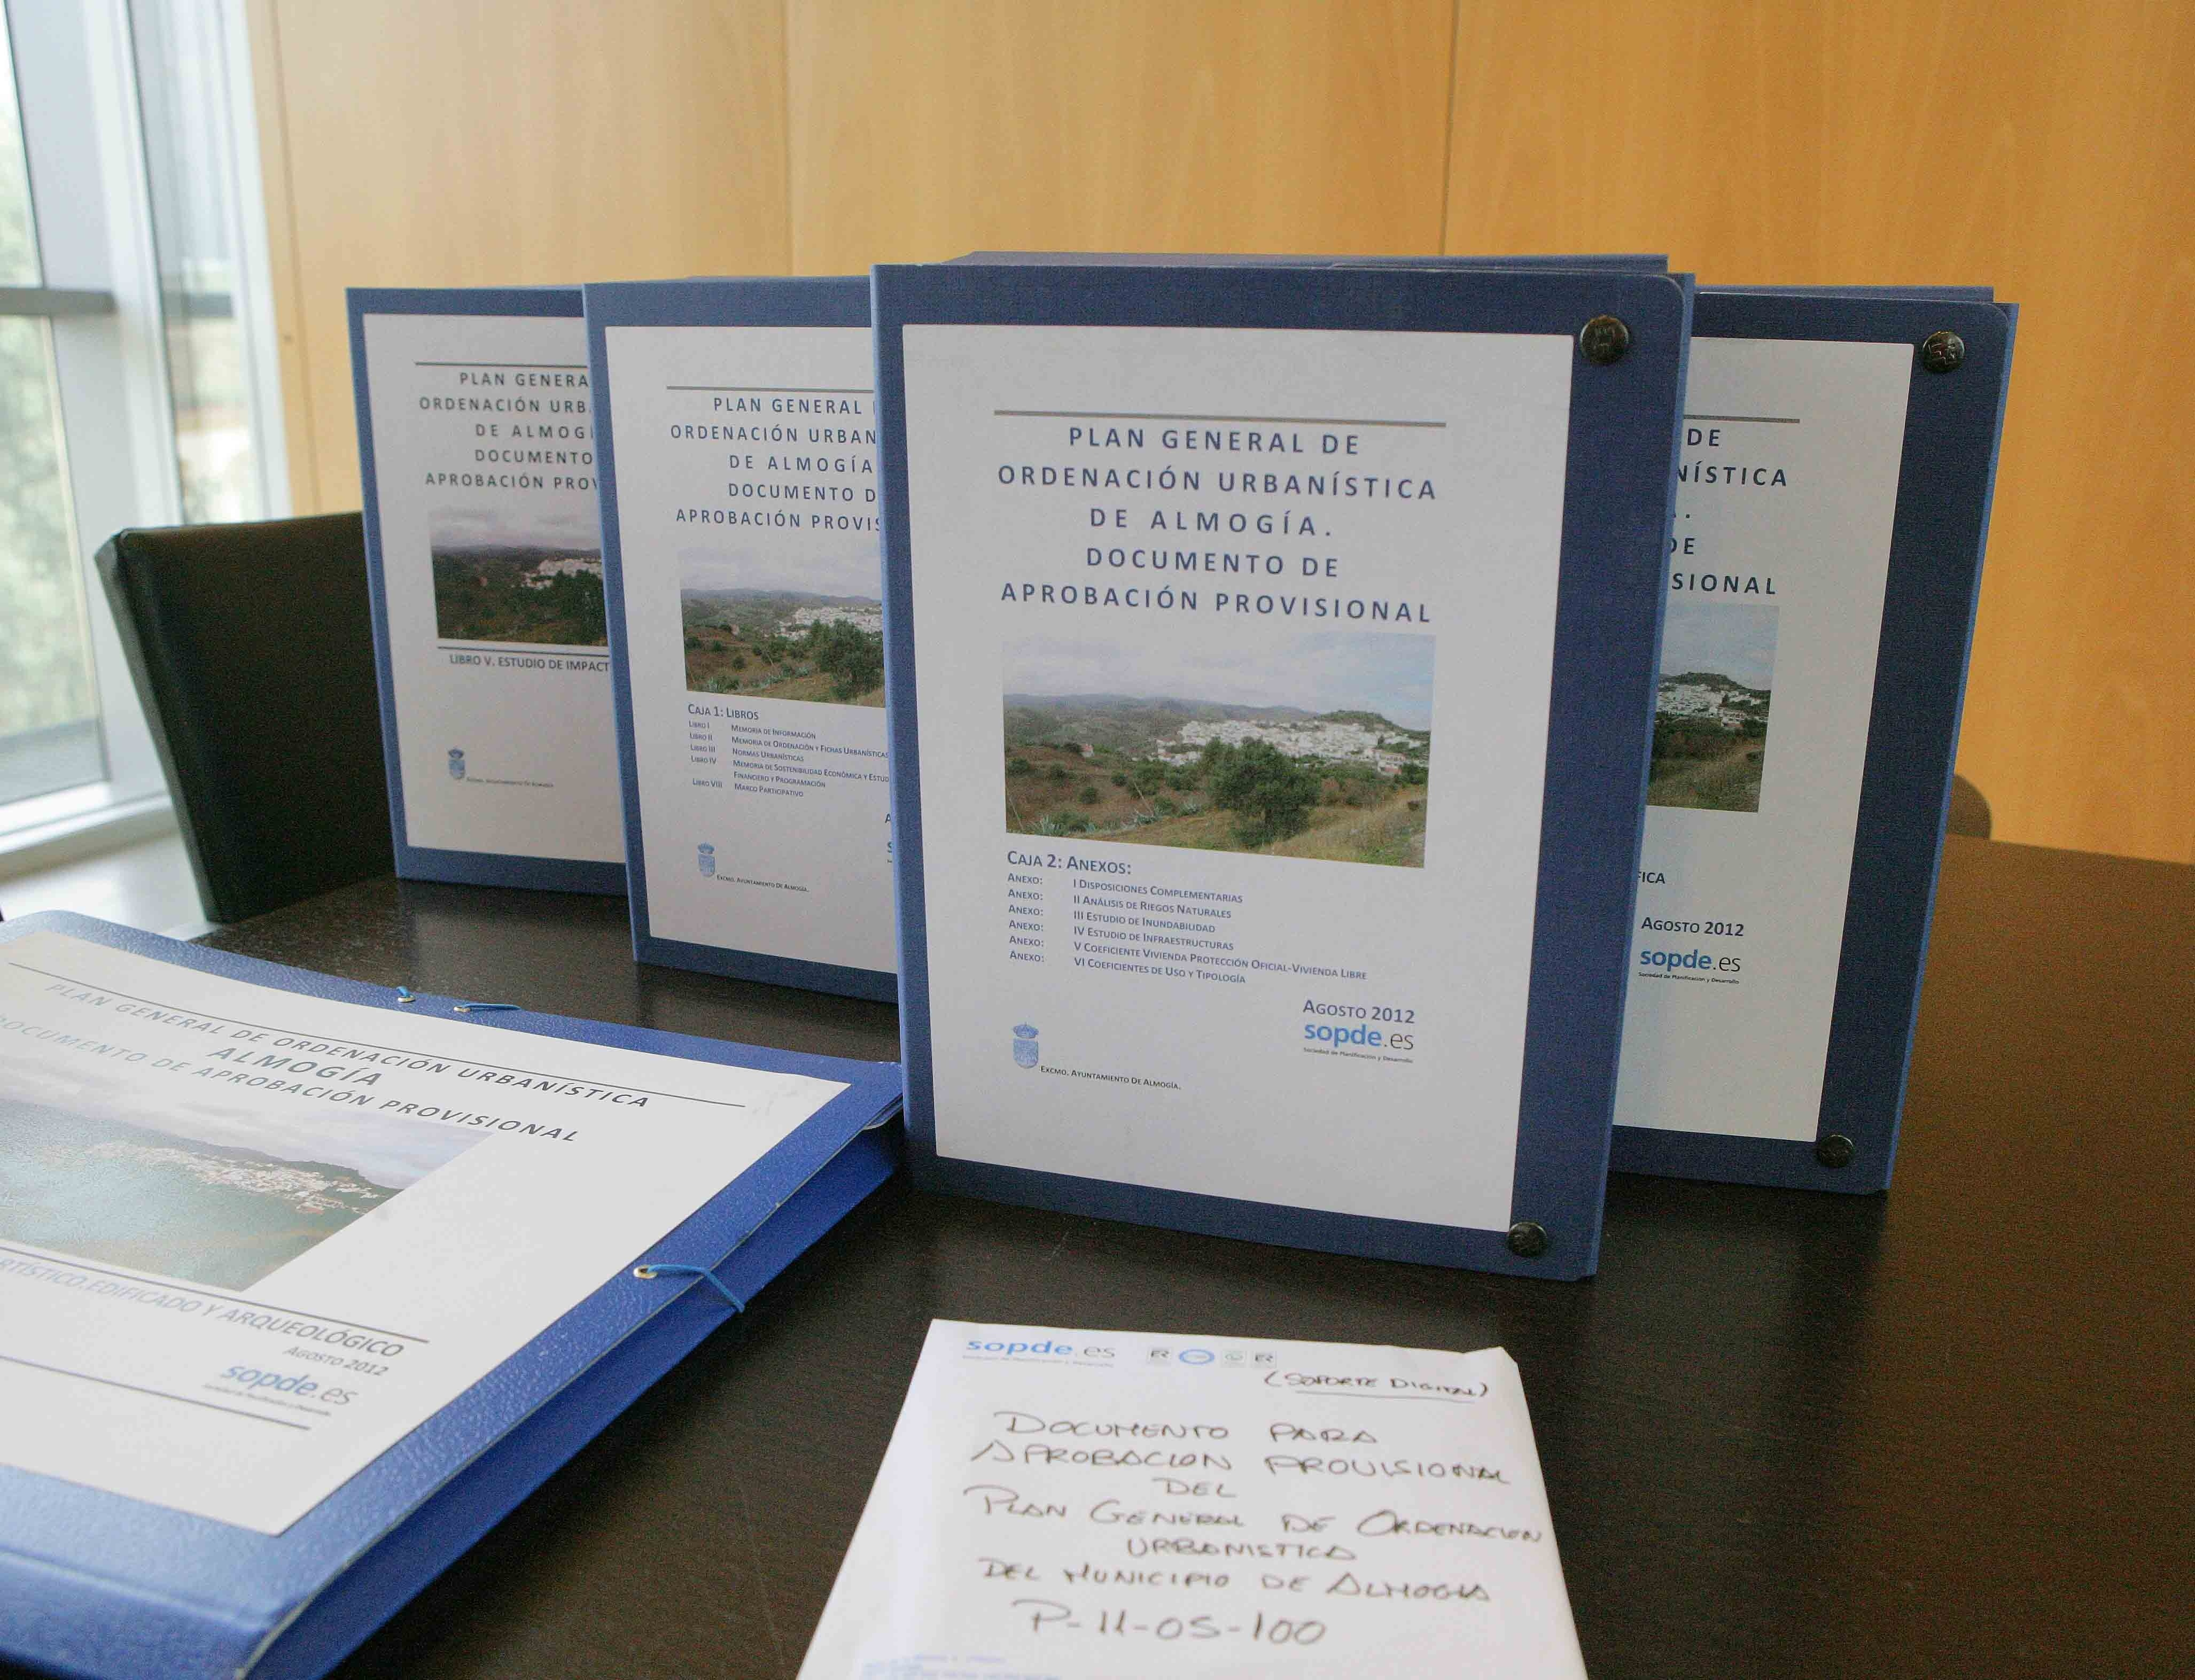 La Diputación agilizará la redacción de los planes urbanísticos para mejorar el servicio a los municipios